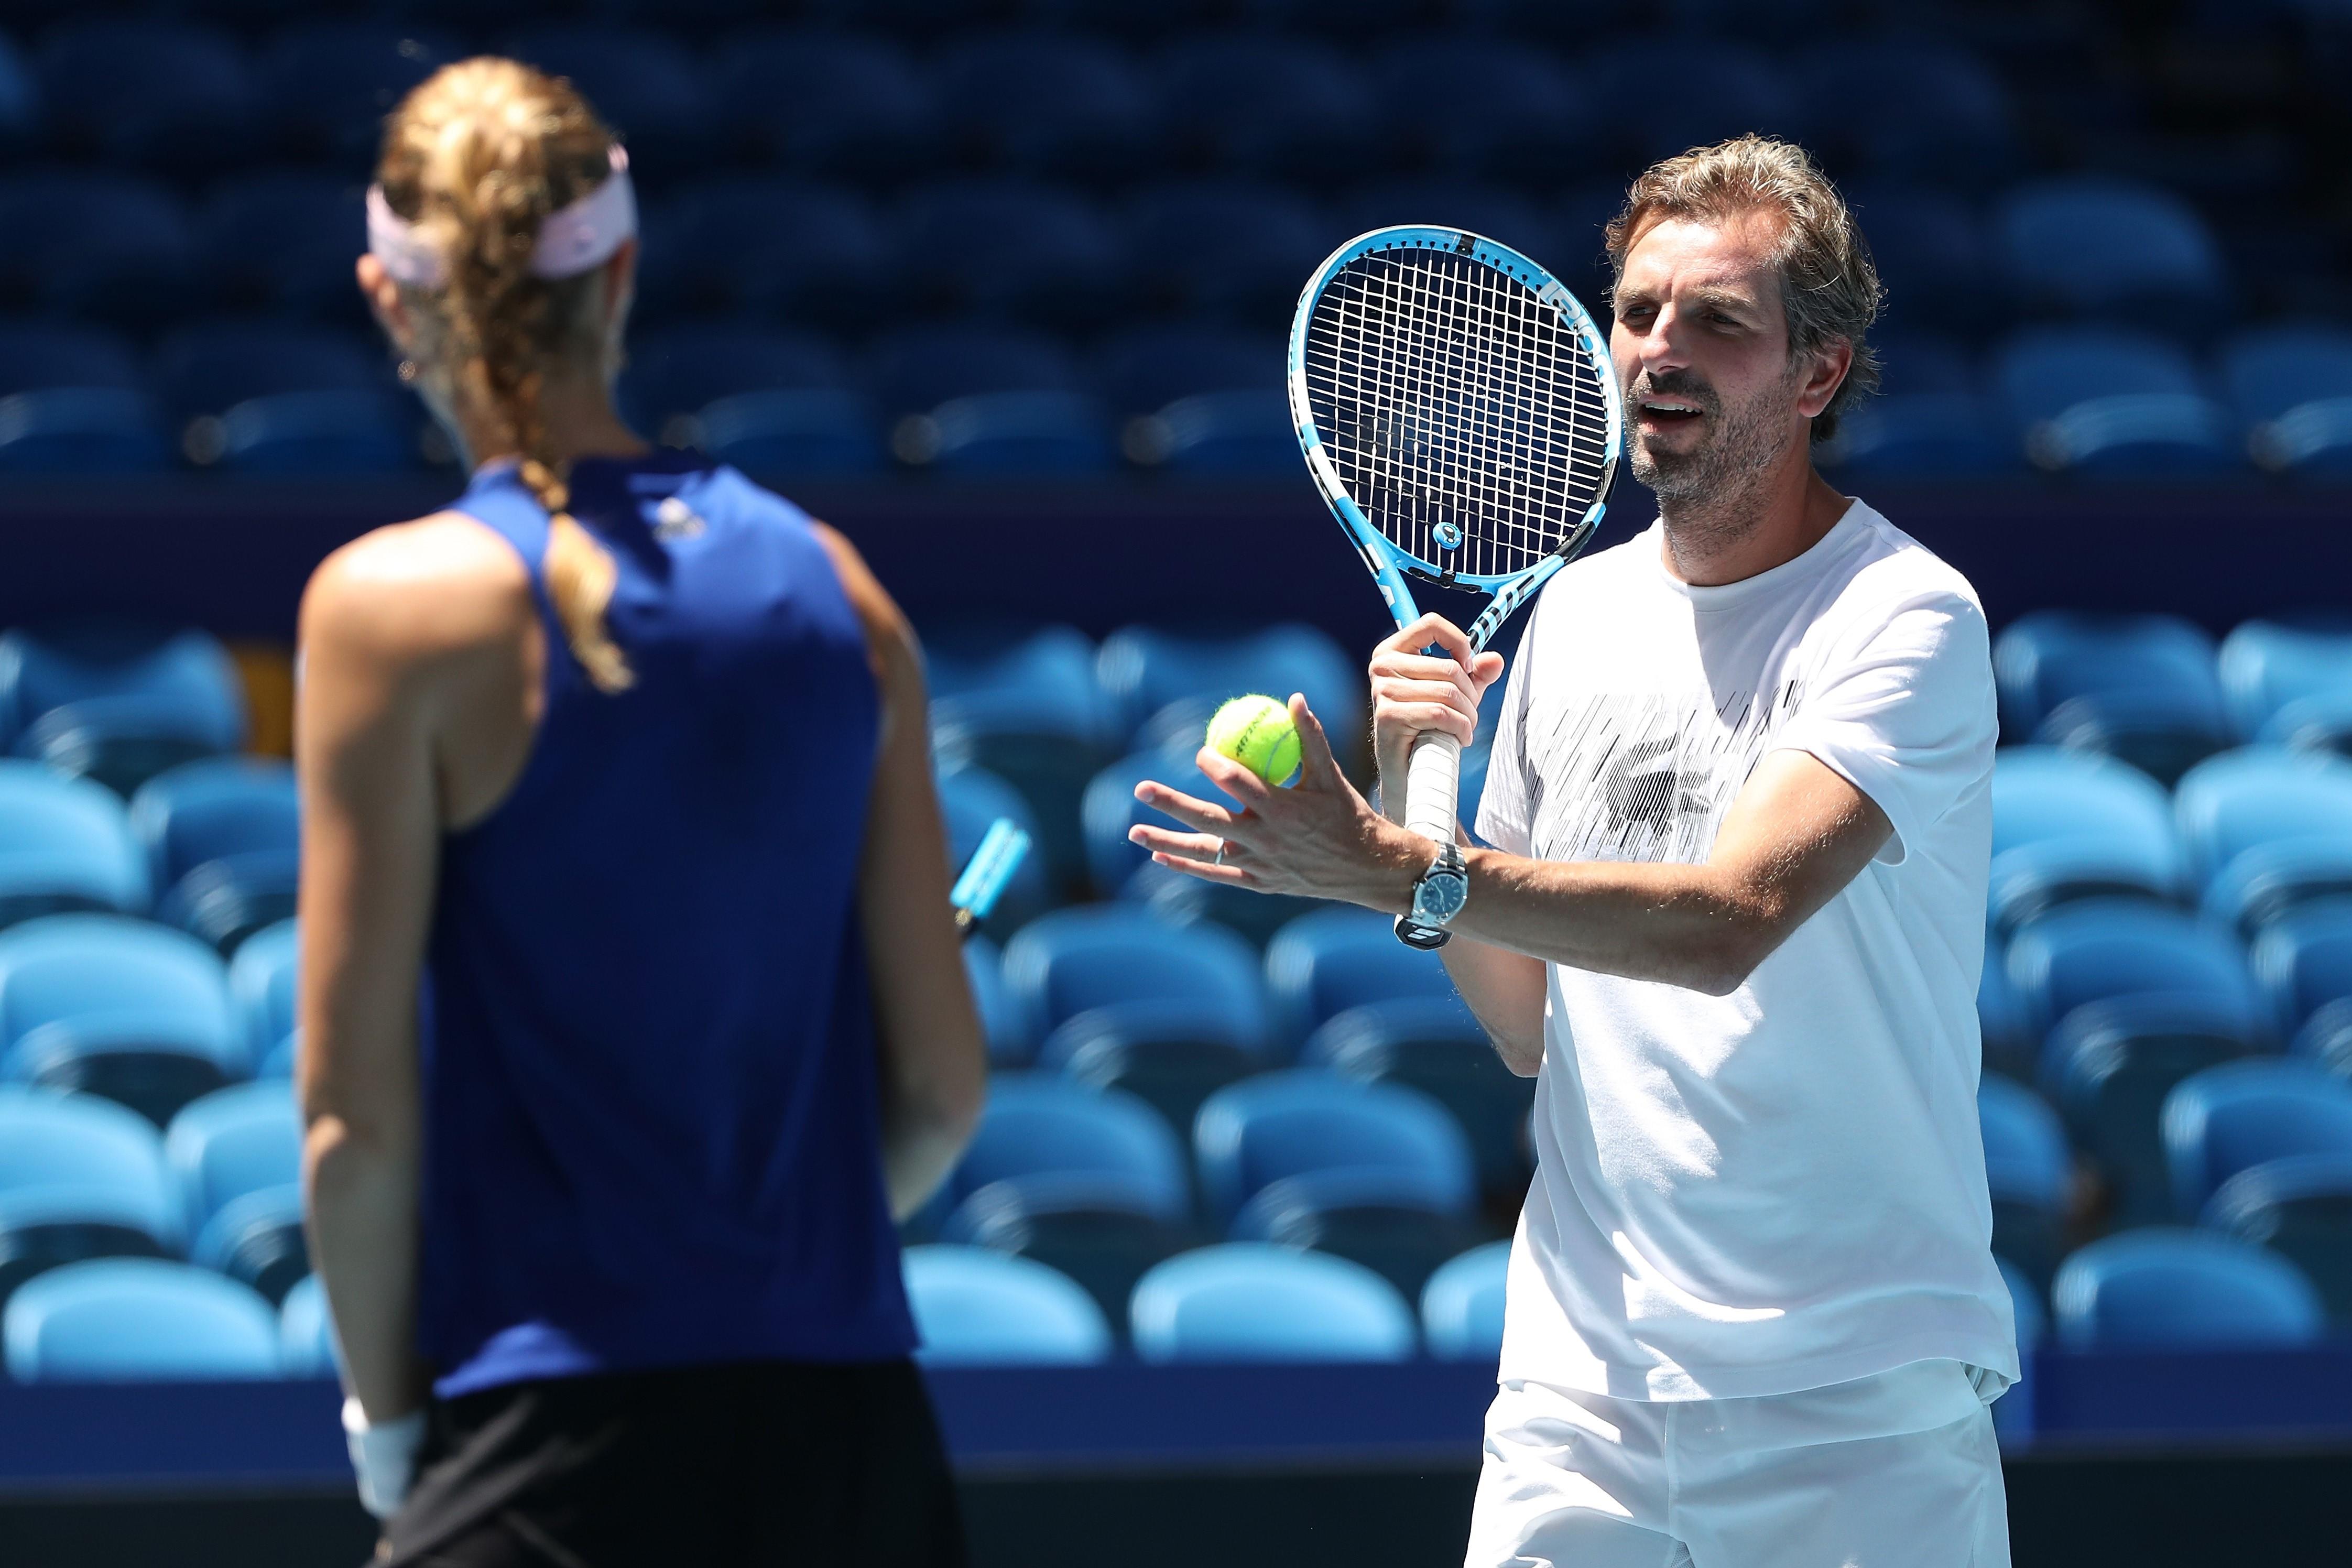 Julien Benneteau et Kristina Mladenovic avant la finale de la Fed Cup 2019 à Perth